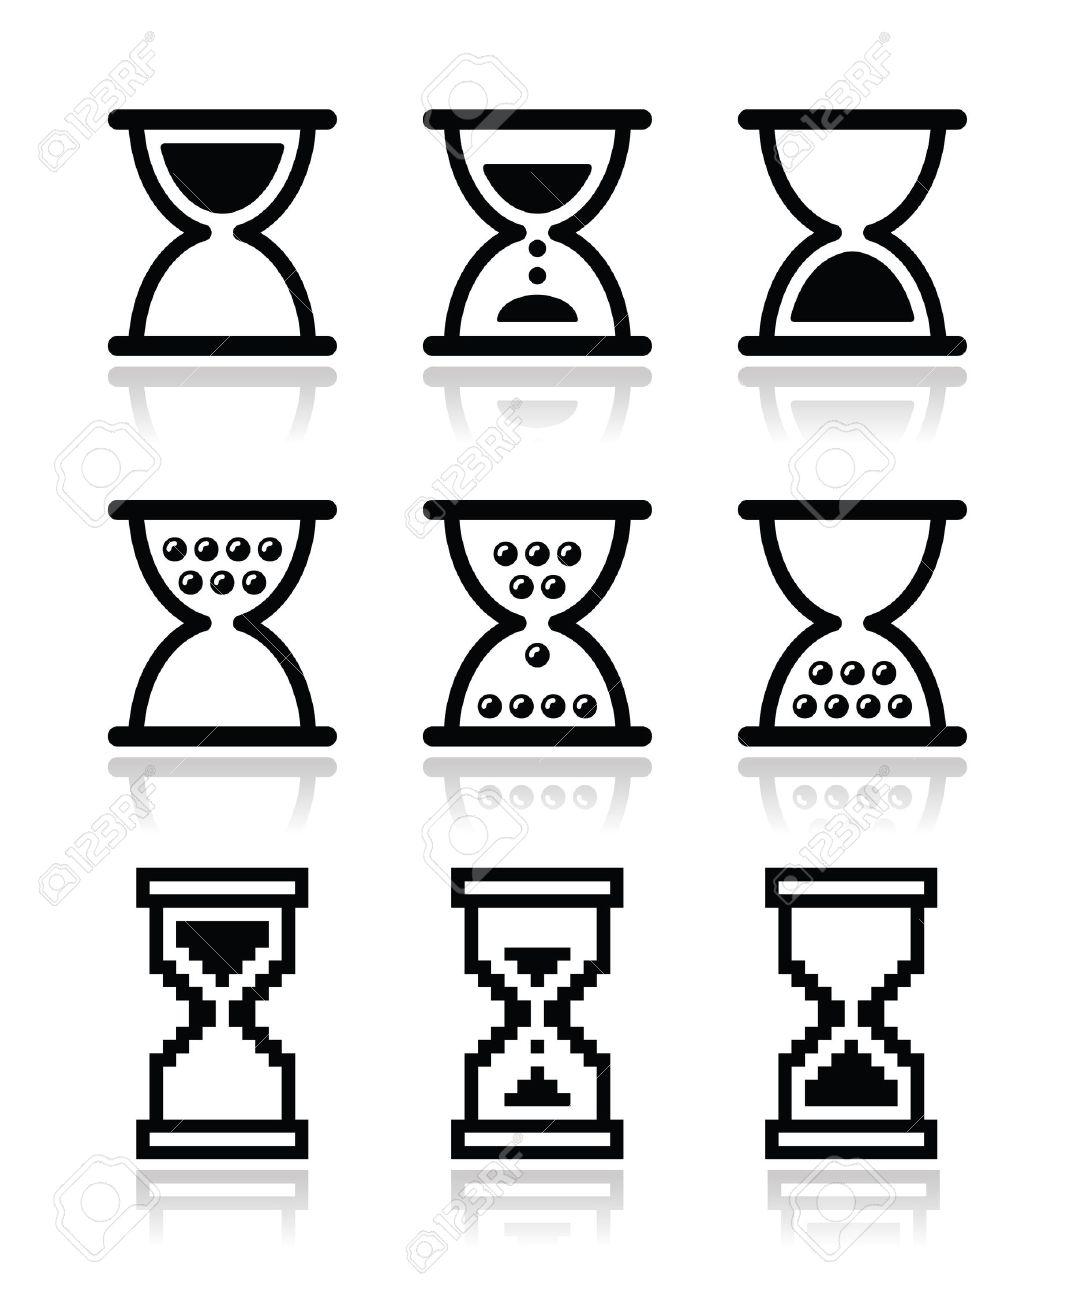 Программа песочные часы скачать на компьютер